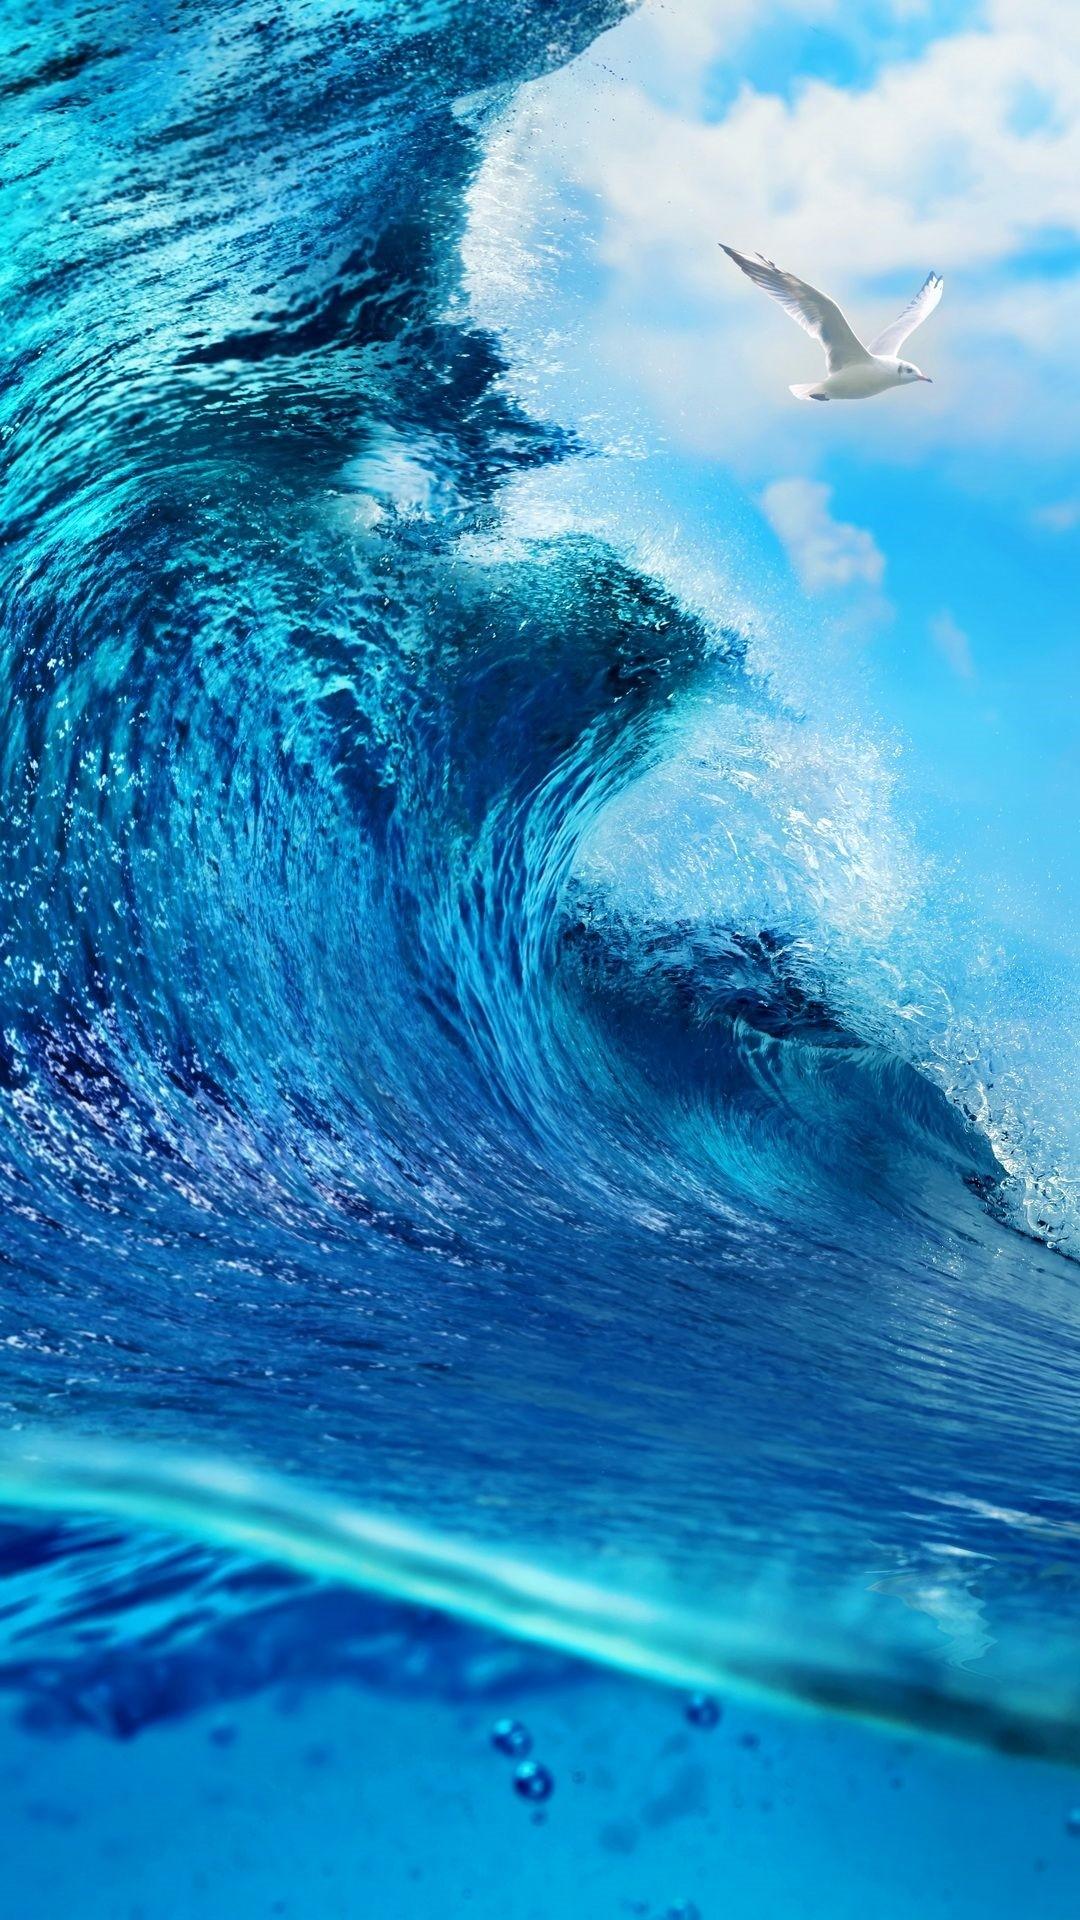 Ocean Waves iphone